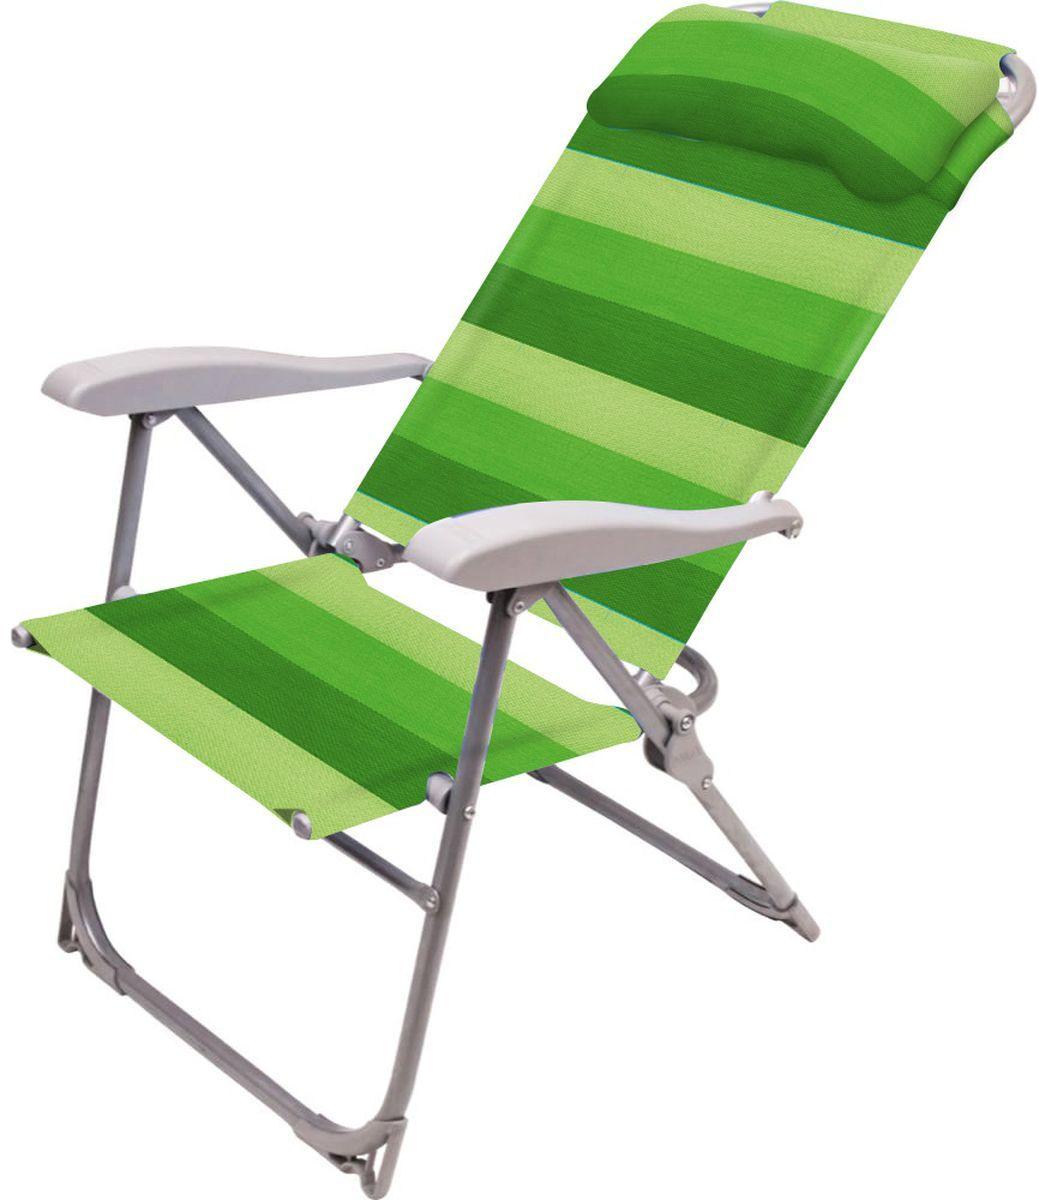 """Кресло-шезлонг складное """"НИКА"""" К2 нагрузка 120кг,цвет зеленый,размер 750*590*1090мм"""